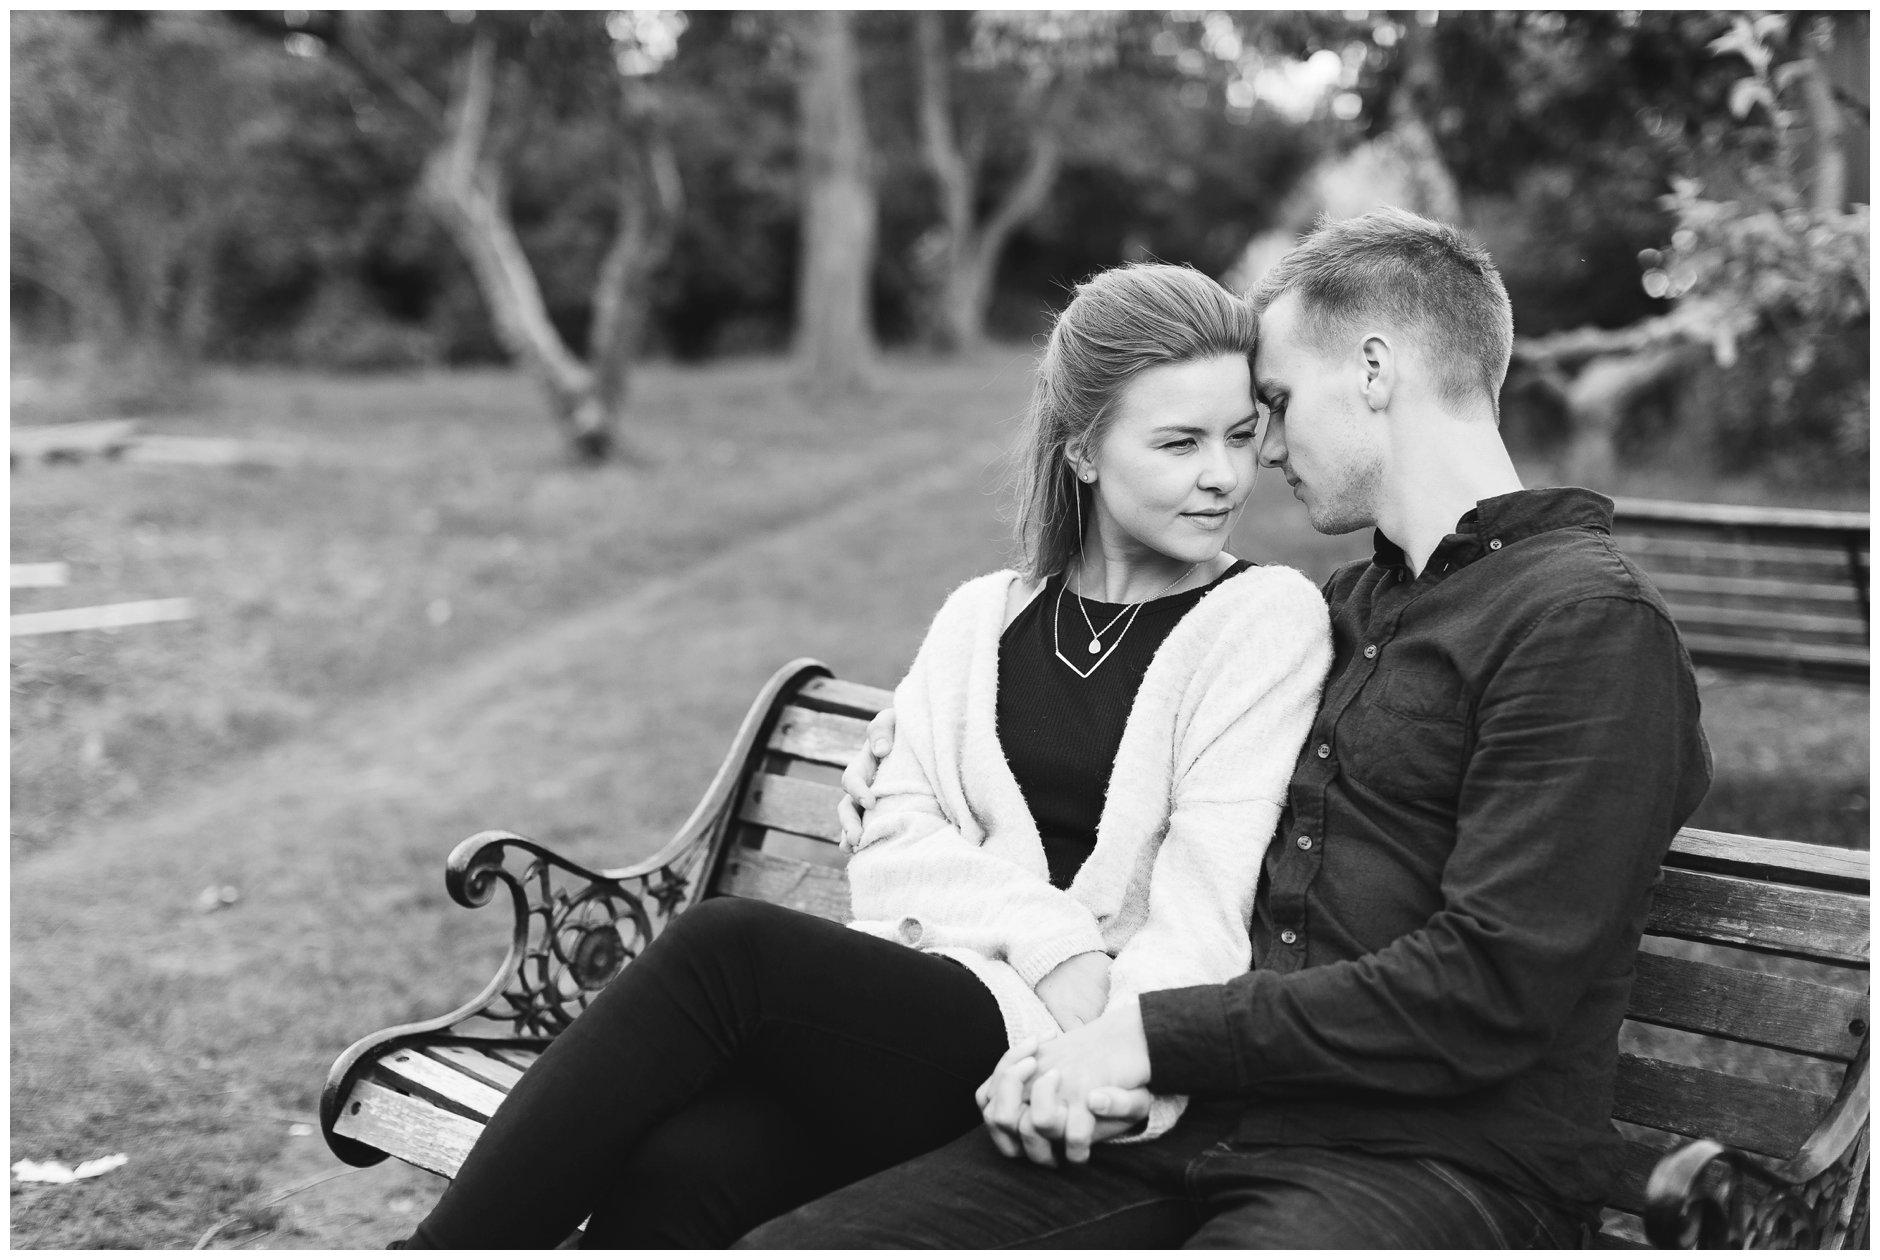 Fotograf-Eline-Jacobine-Forlovet-Kjærester-Marta-og-Øyvind_0010